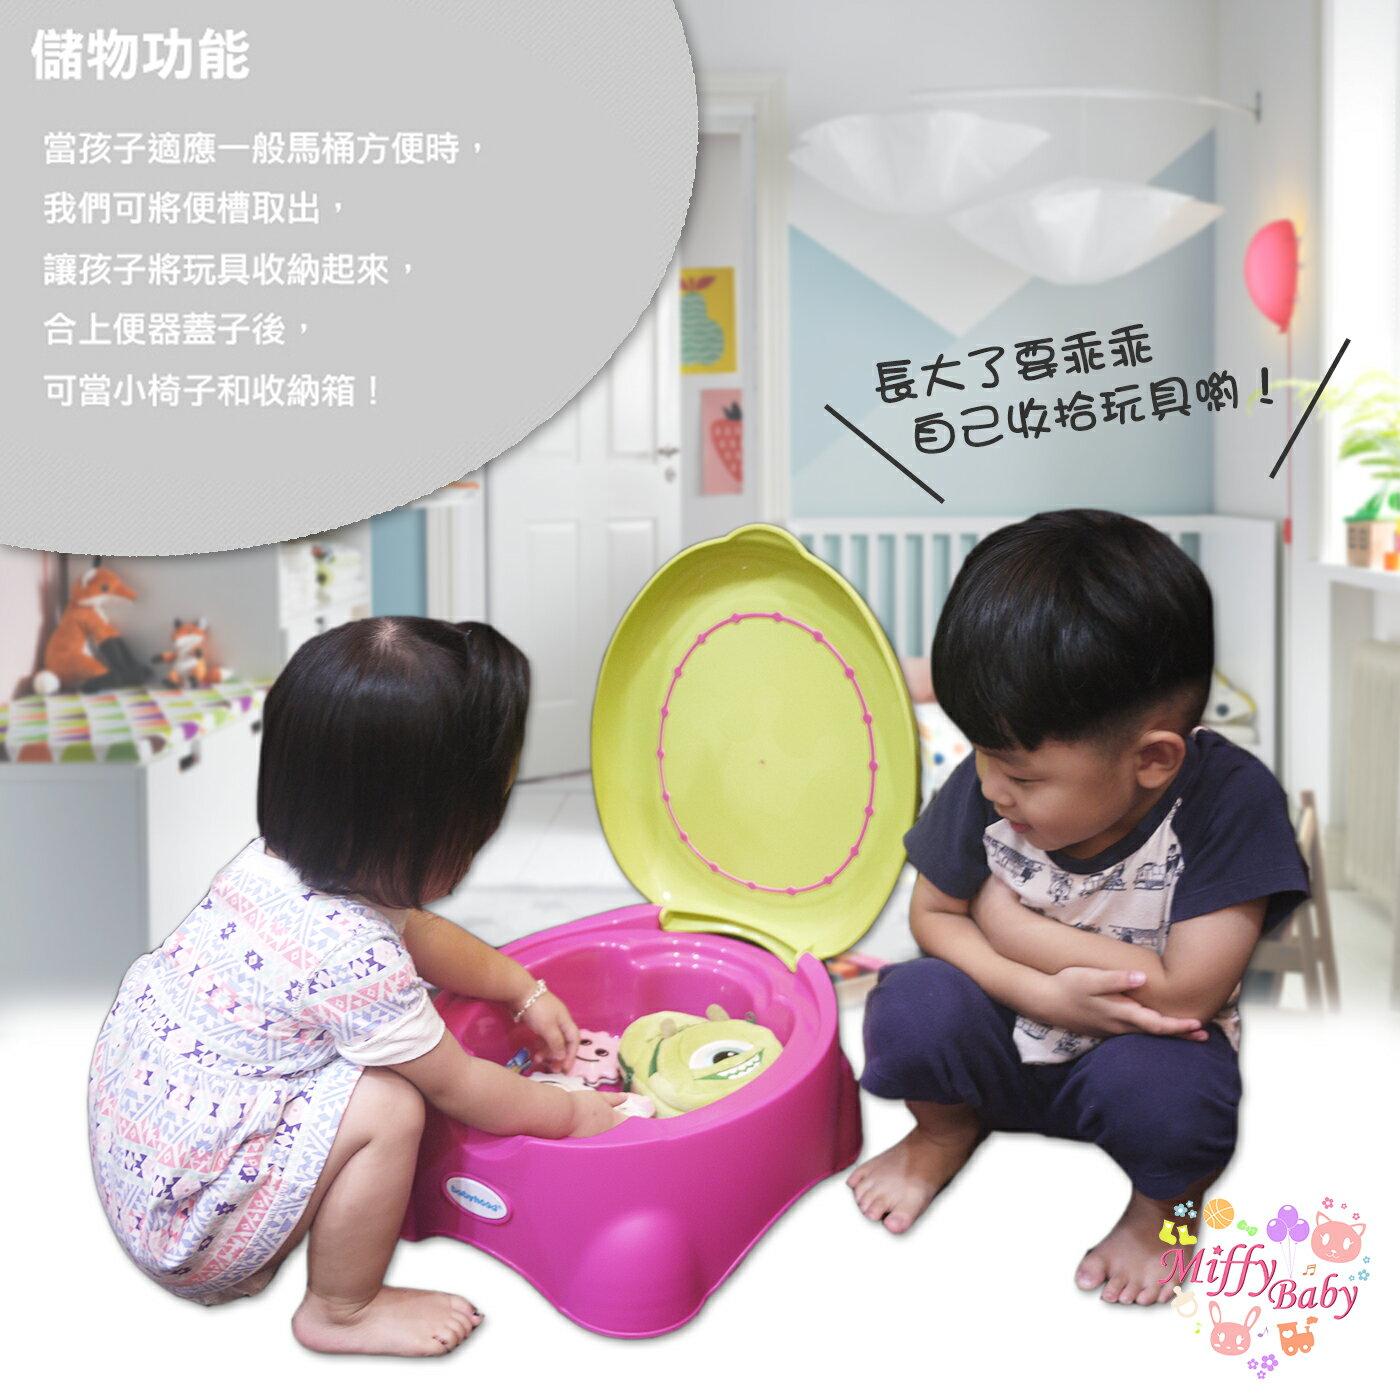 送清潔刷【babyhood】皇室多功能學習便器(附便圈)便座 便盆 便器-米菲寶貝 3